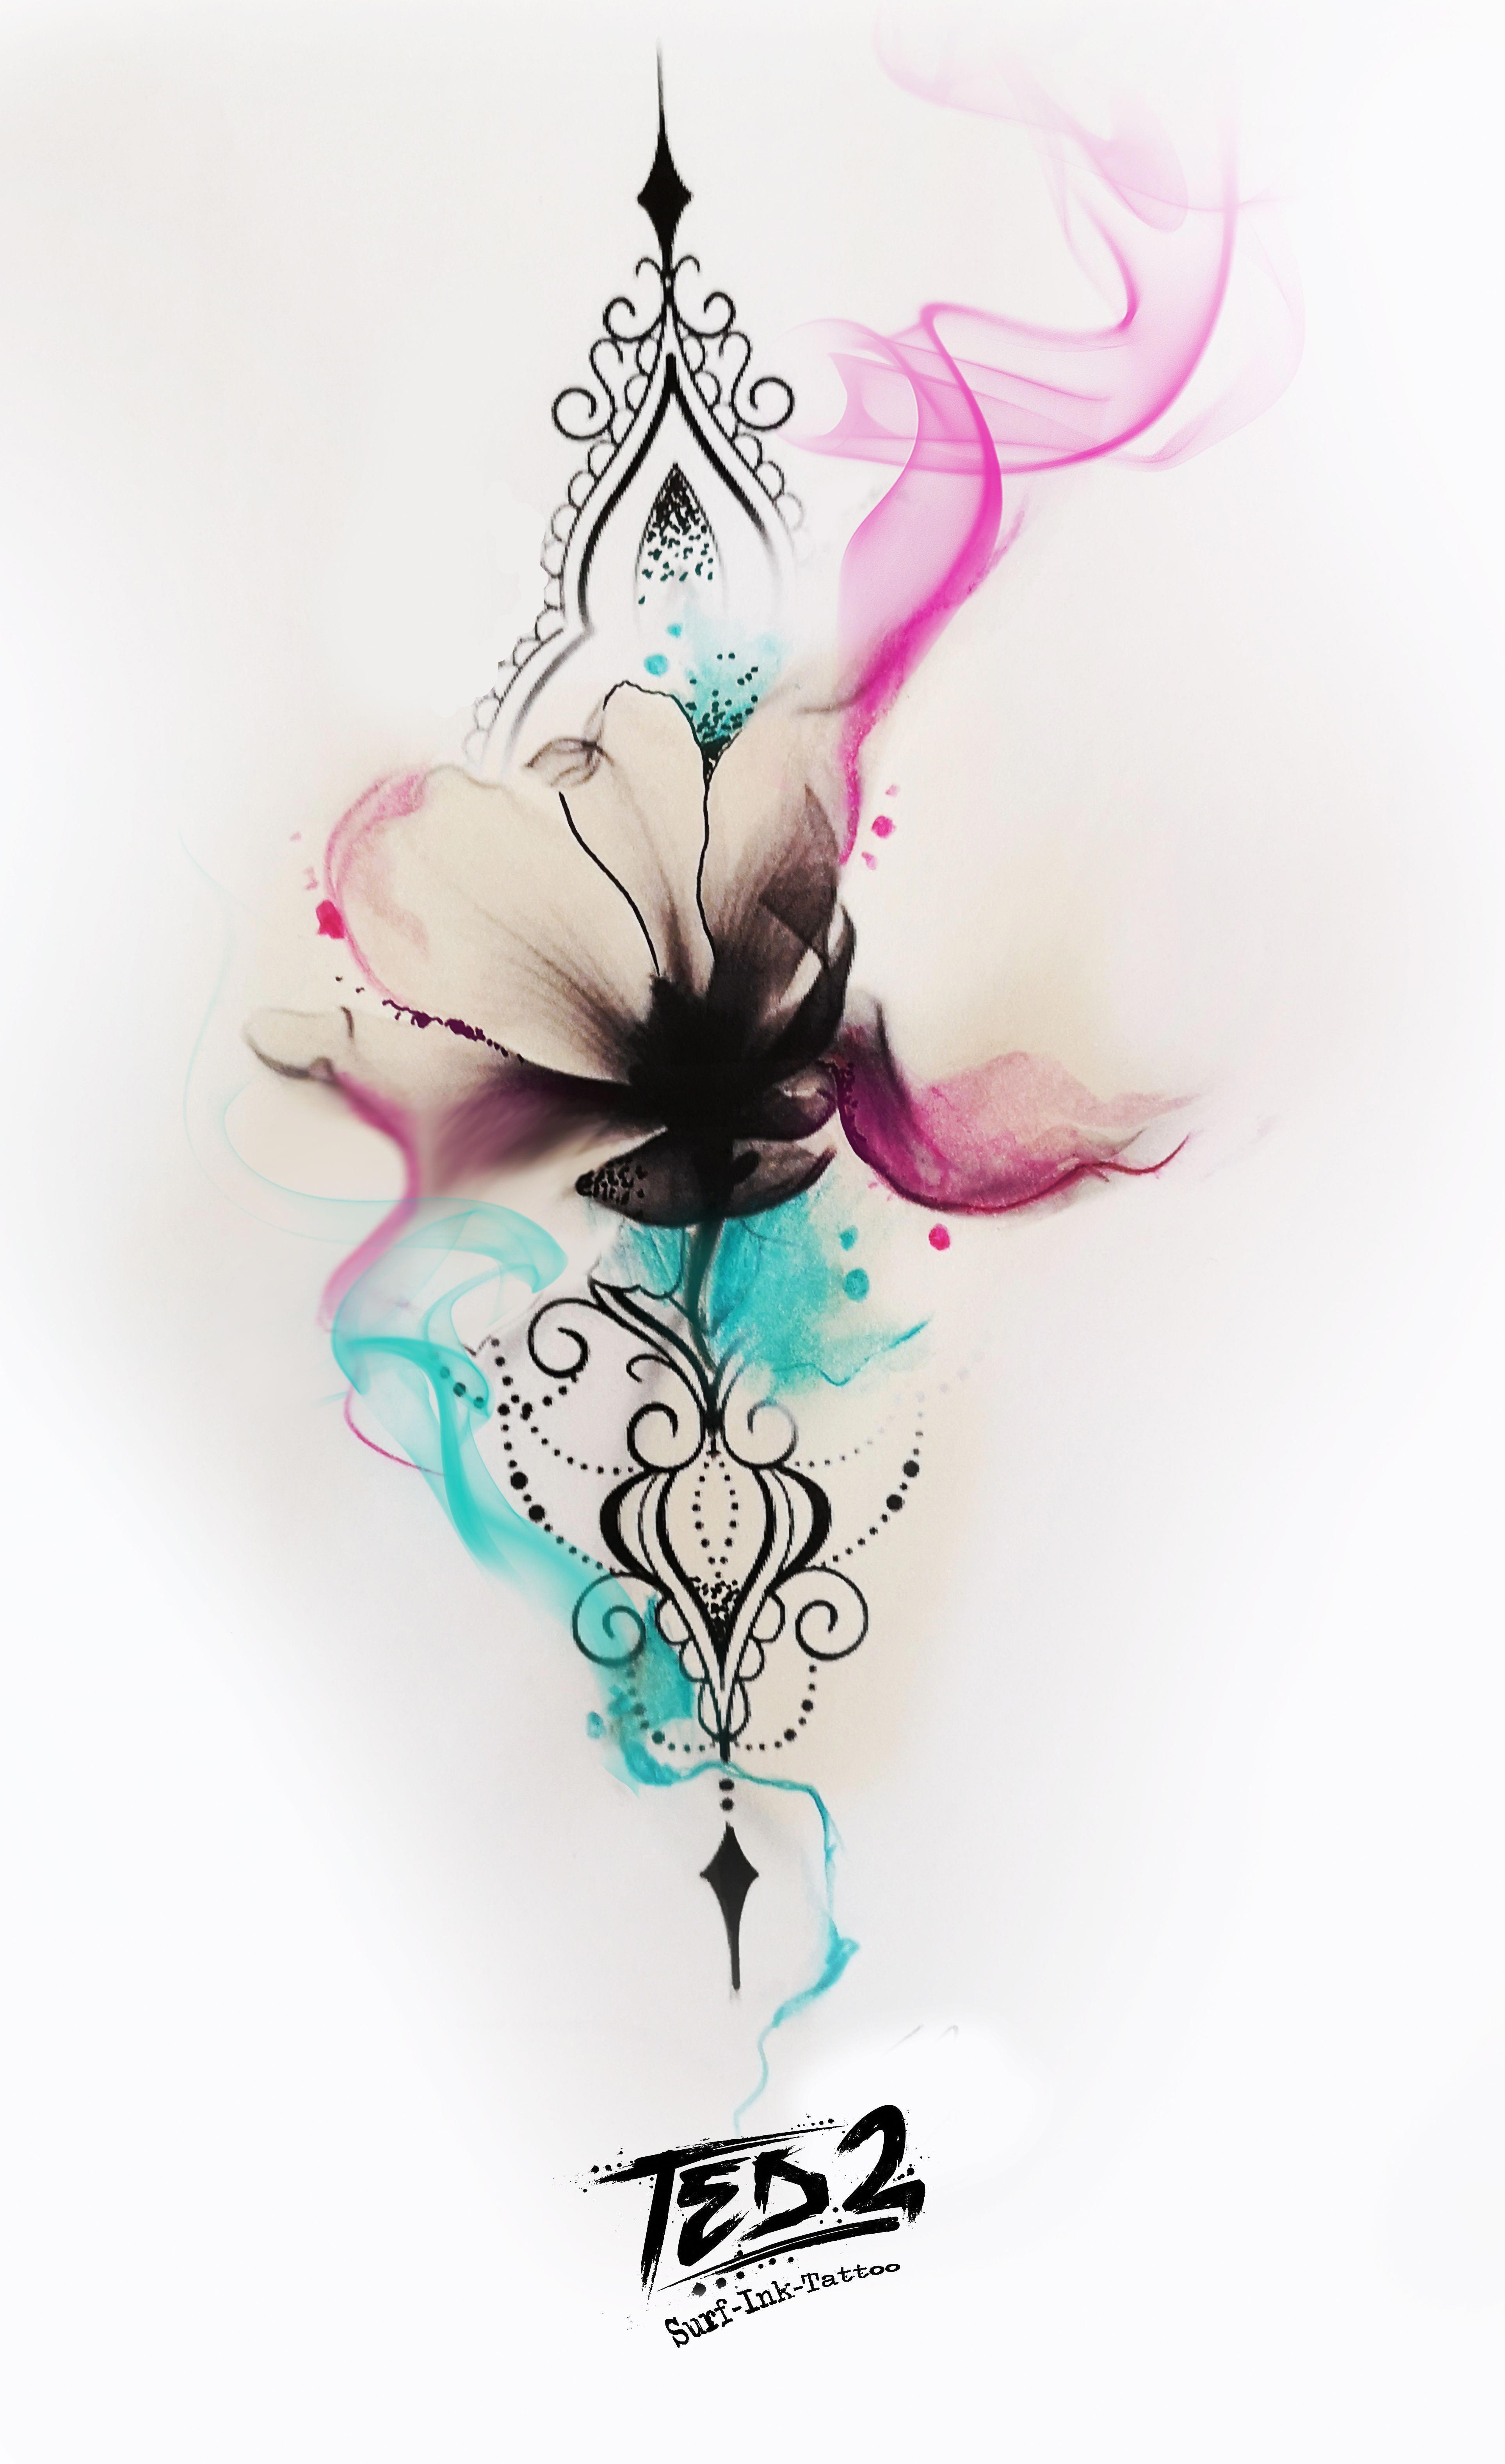 Tattoo Design Tattoo Girl Tattoo Tattoo Flash Tattoo Flower Design Flower Tattoo Tattoo Zeichnung Ze Tattoo Designs Tattoos For Daughters Flower Tattoo Designs